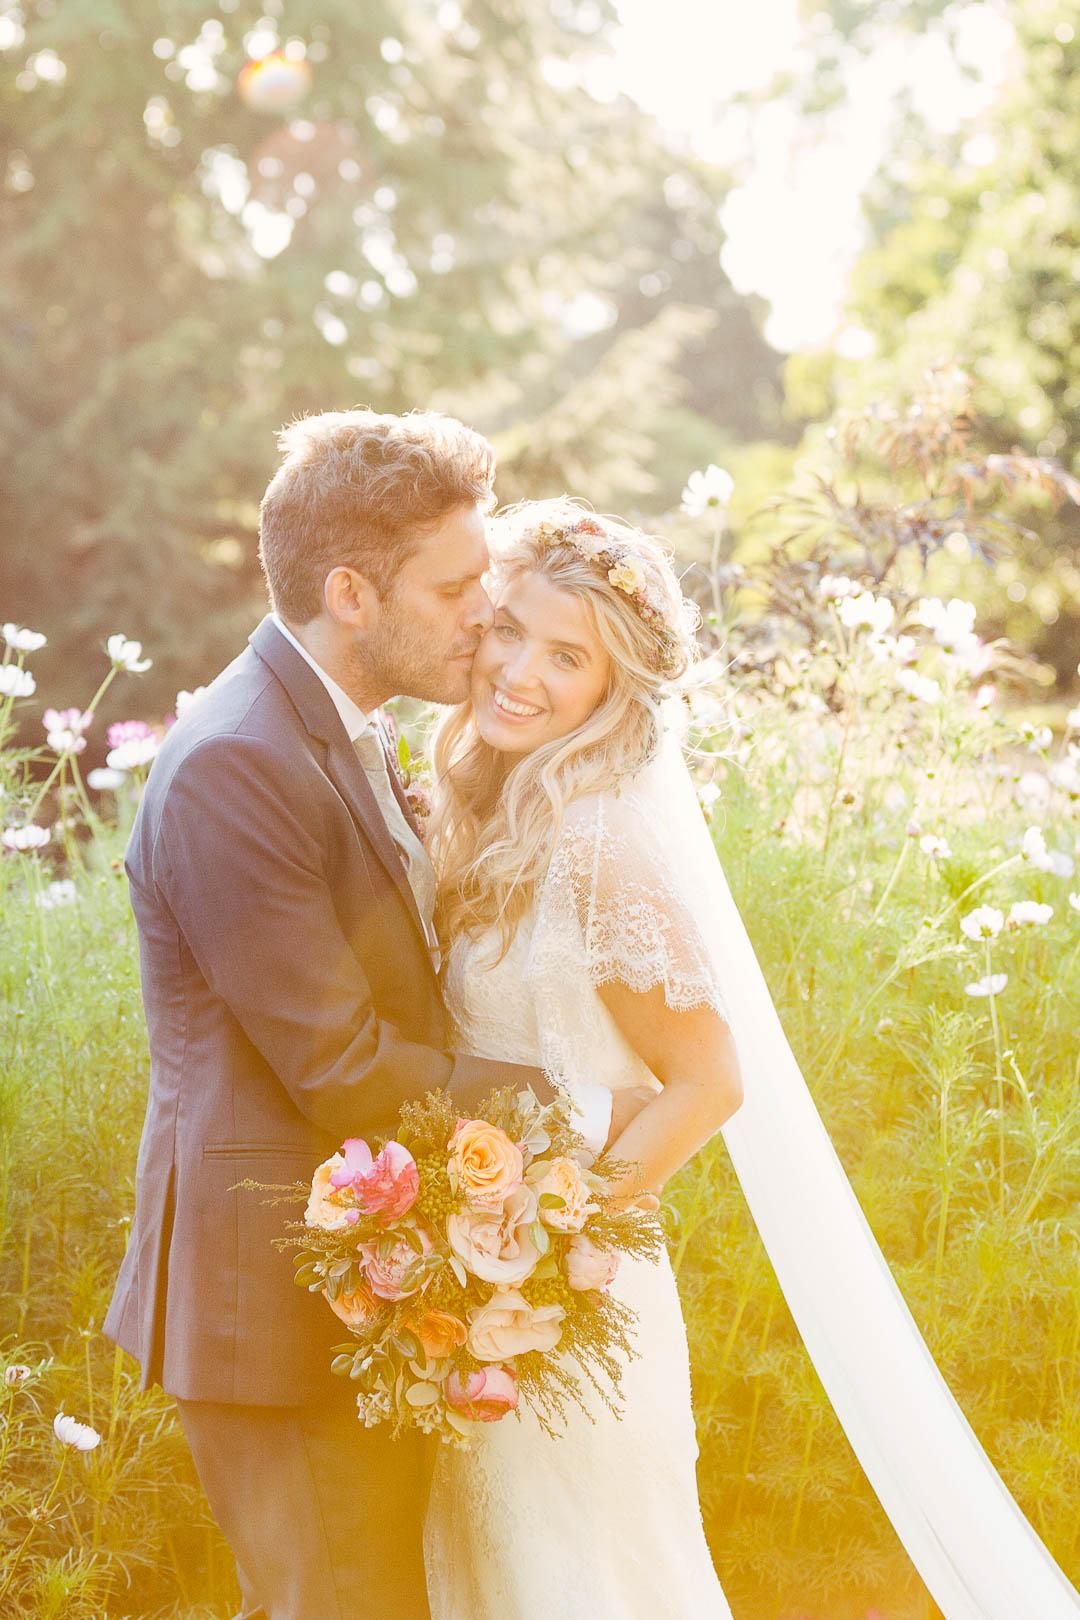 WEdding portraitWedding portrait of groom kissing bride  in wildflower meadow with golden sun